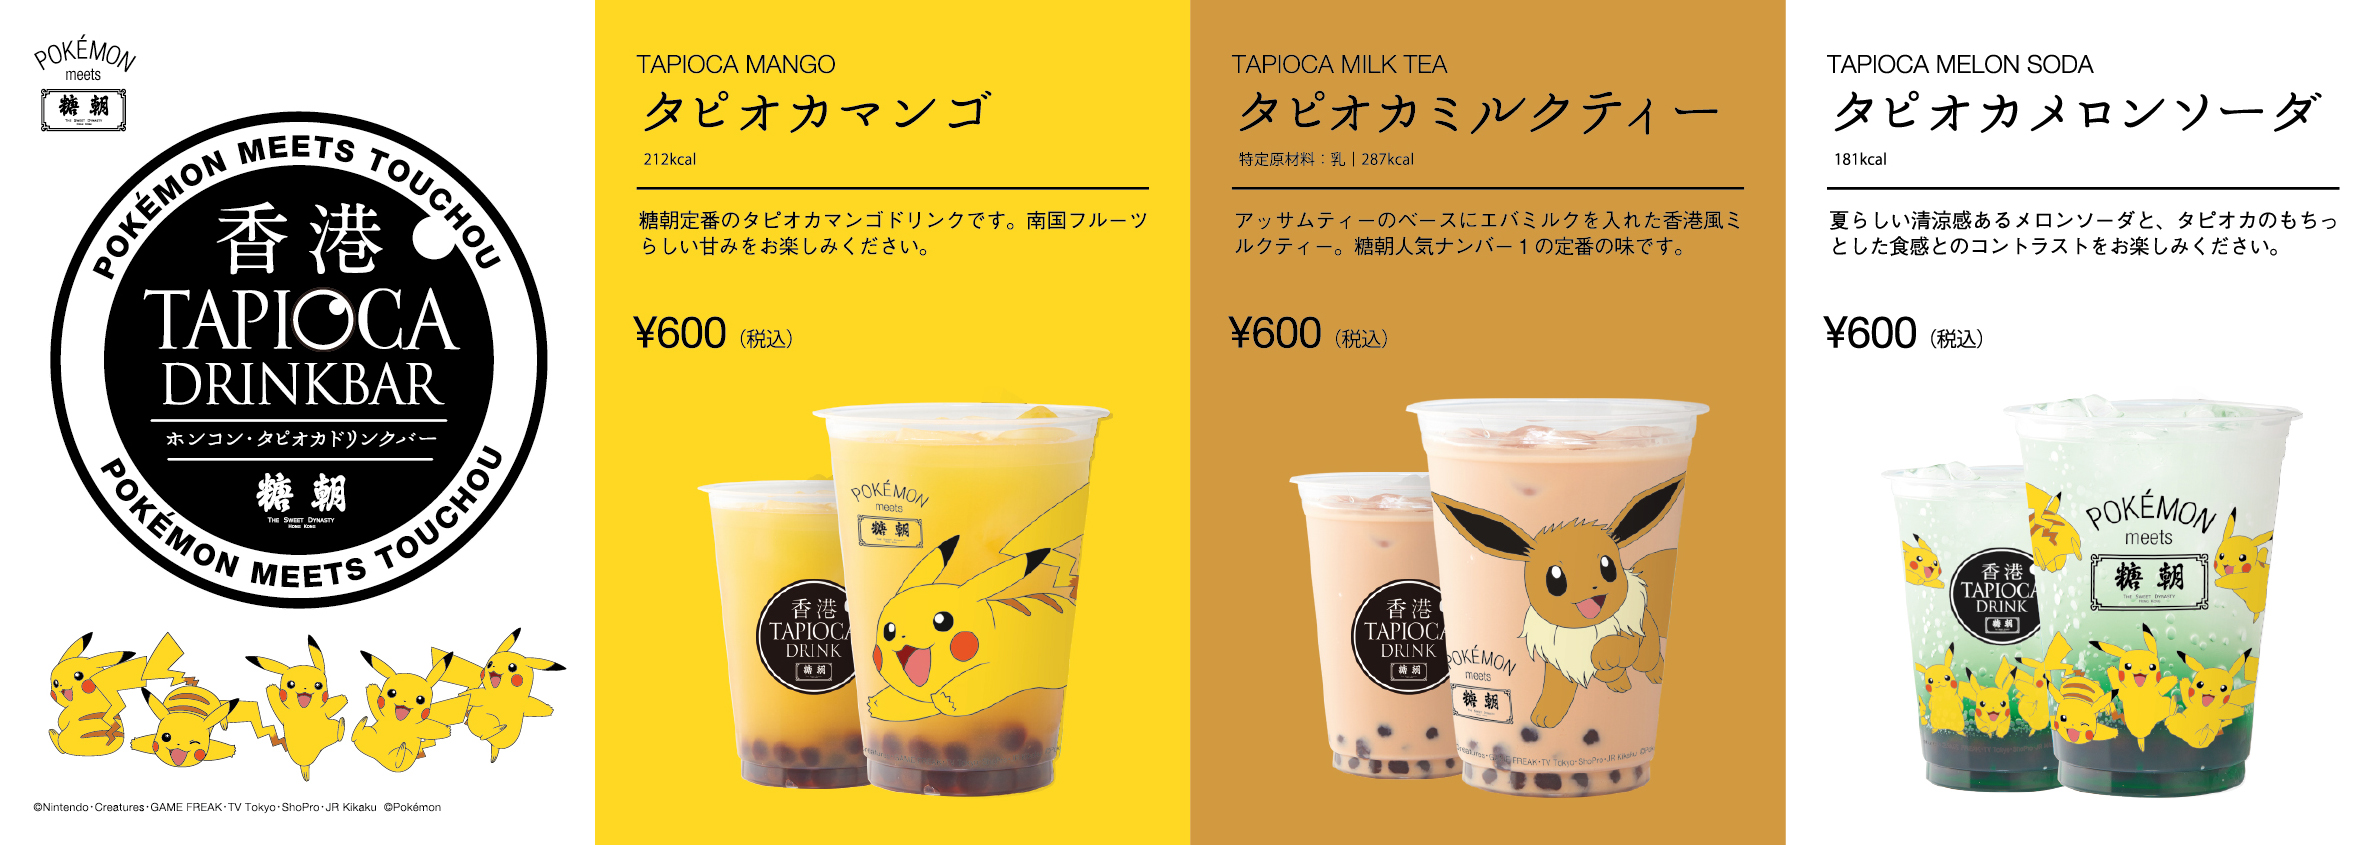 7月20日(土)より「ポケモンmeets 糖朝!香港タピオカドリンク」を、 よこはま動物園ズーラシアにて、販売スタート!